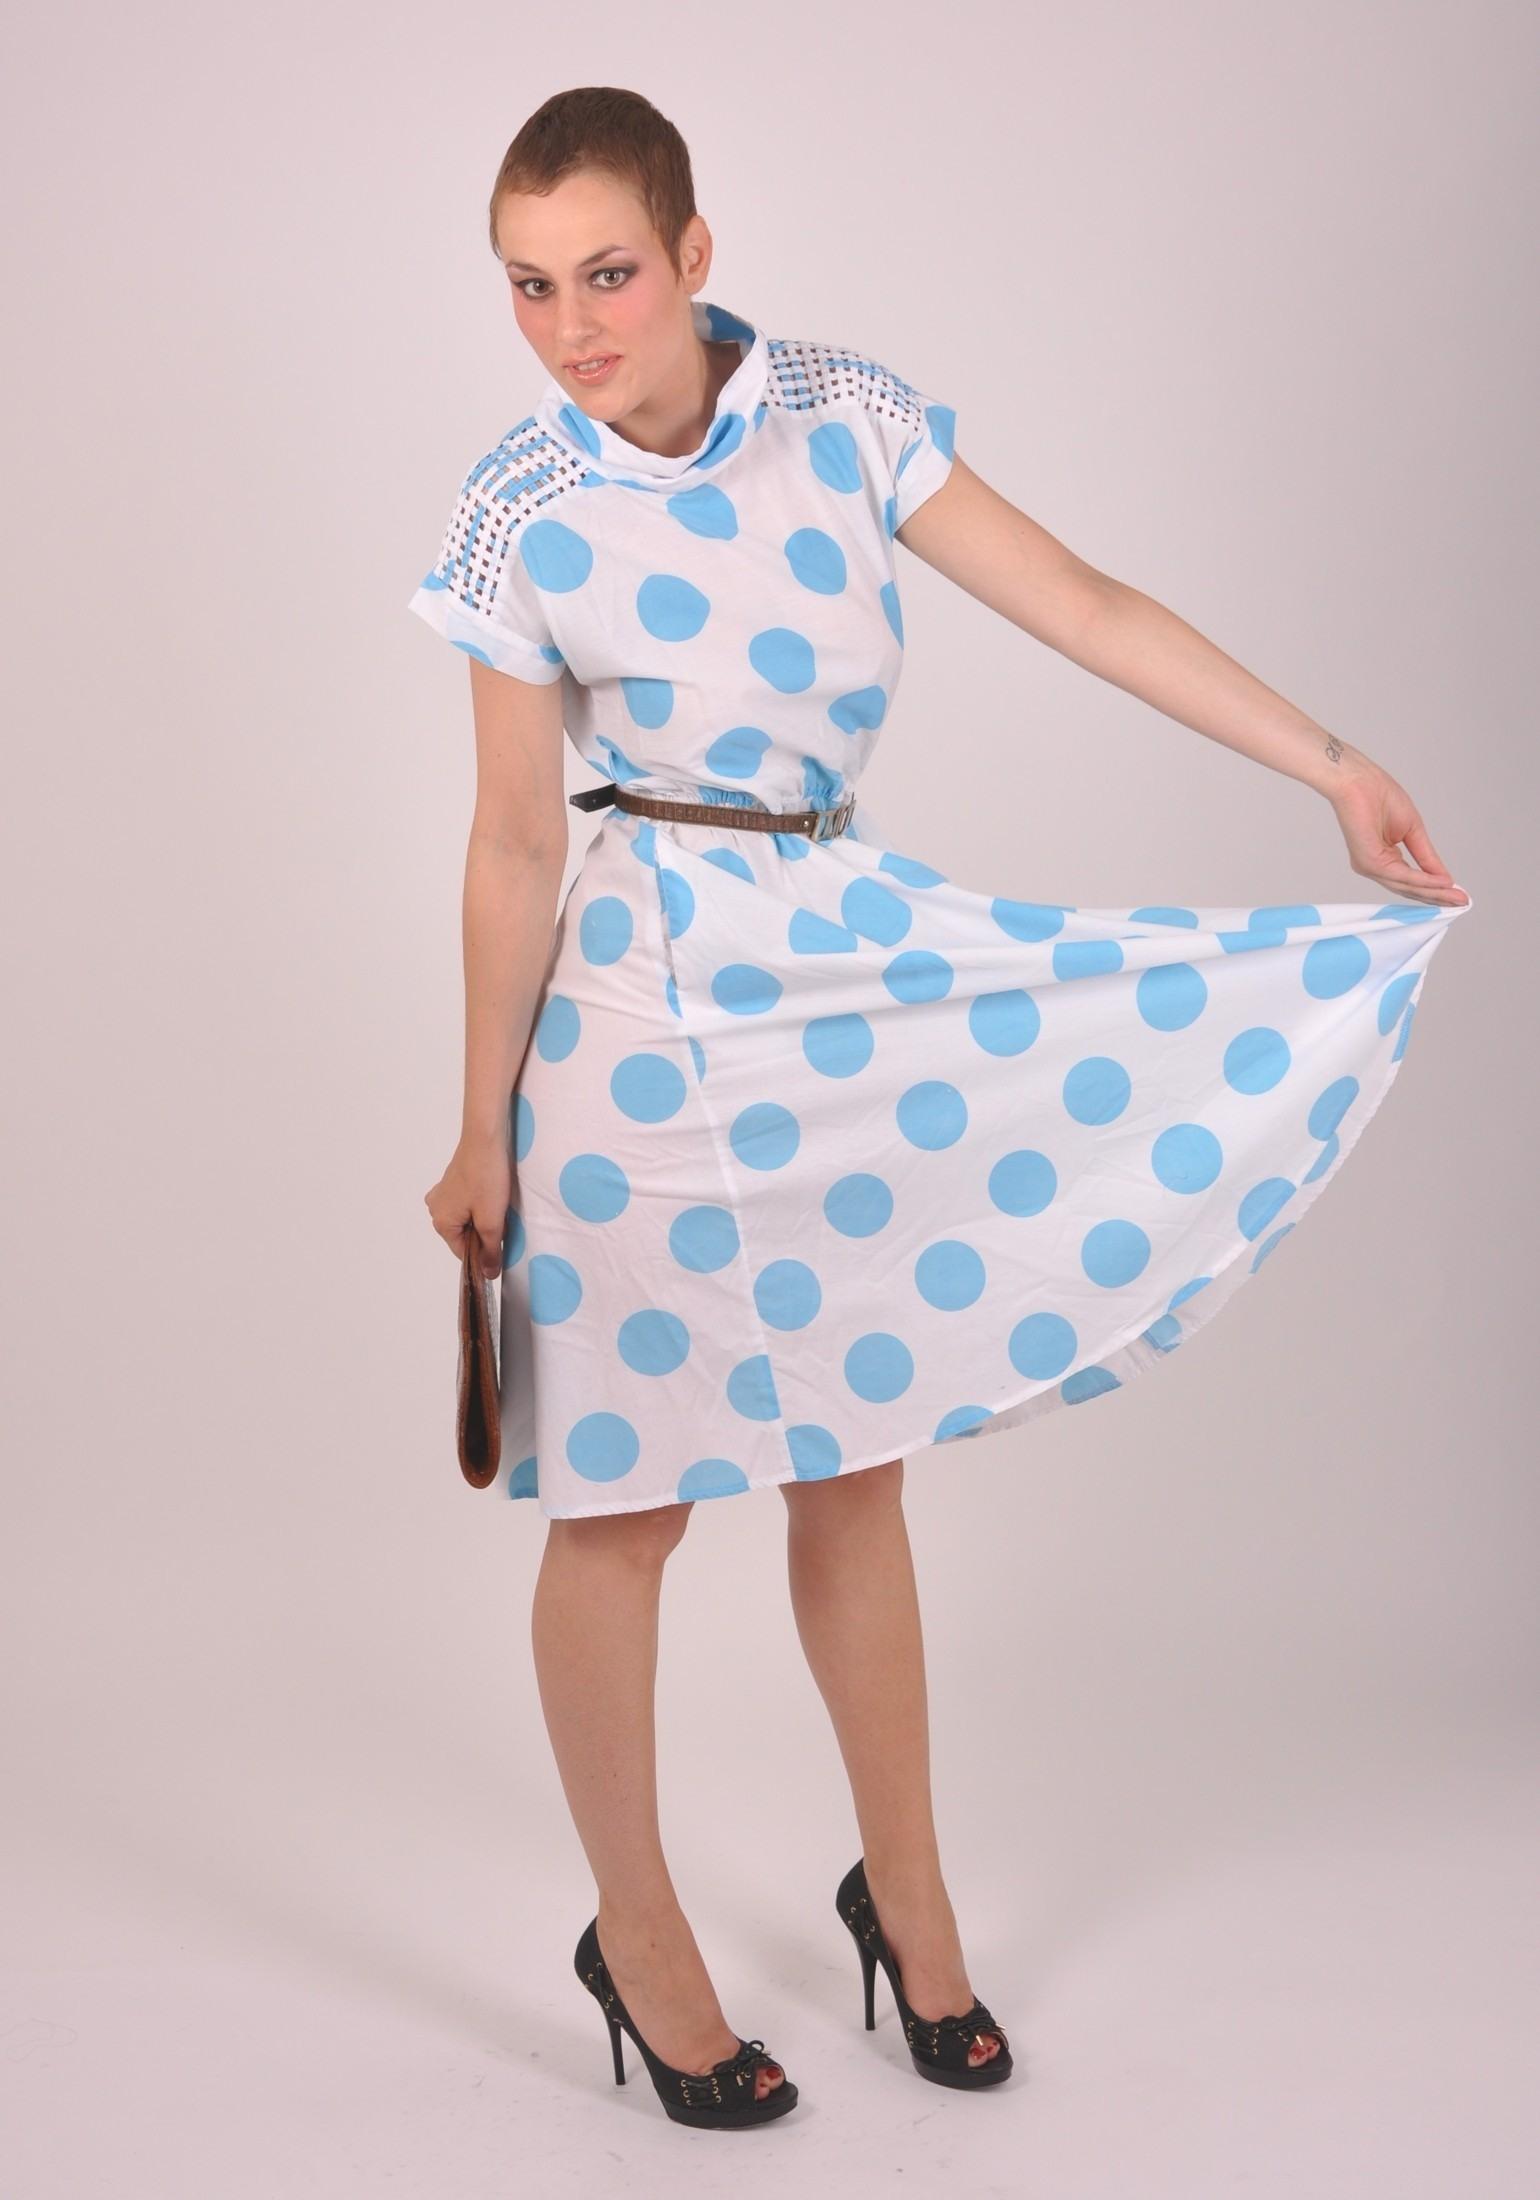 17 Kreativ Kleid Blau Punkte GalerieFormal Erstaunlich Kleid Blau Punkte Stylish